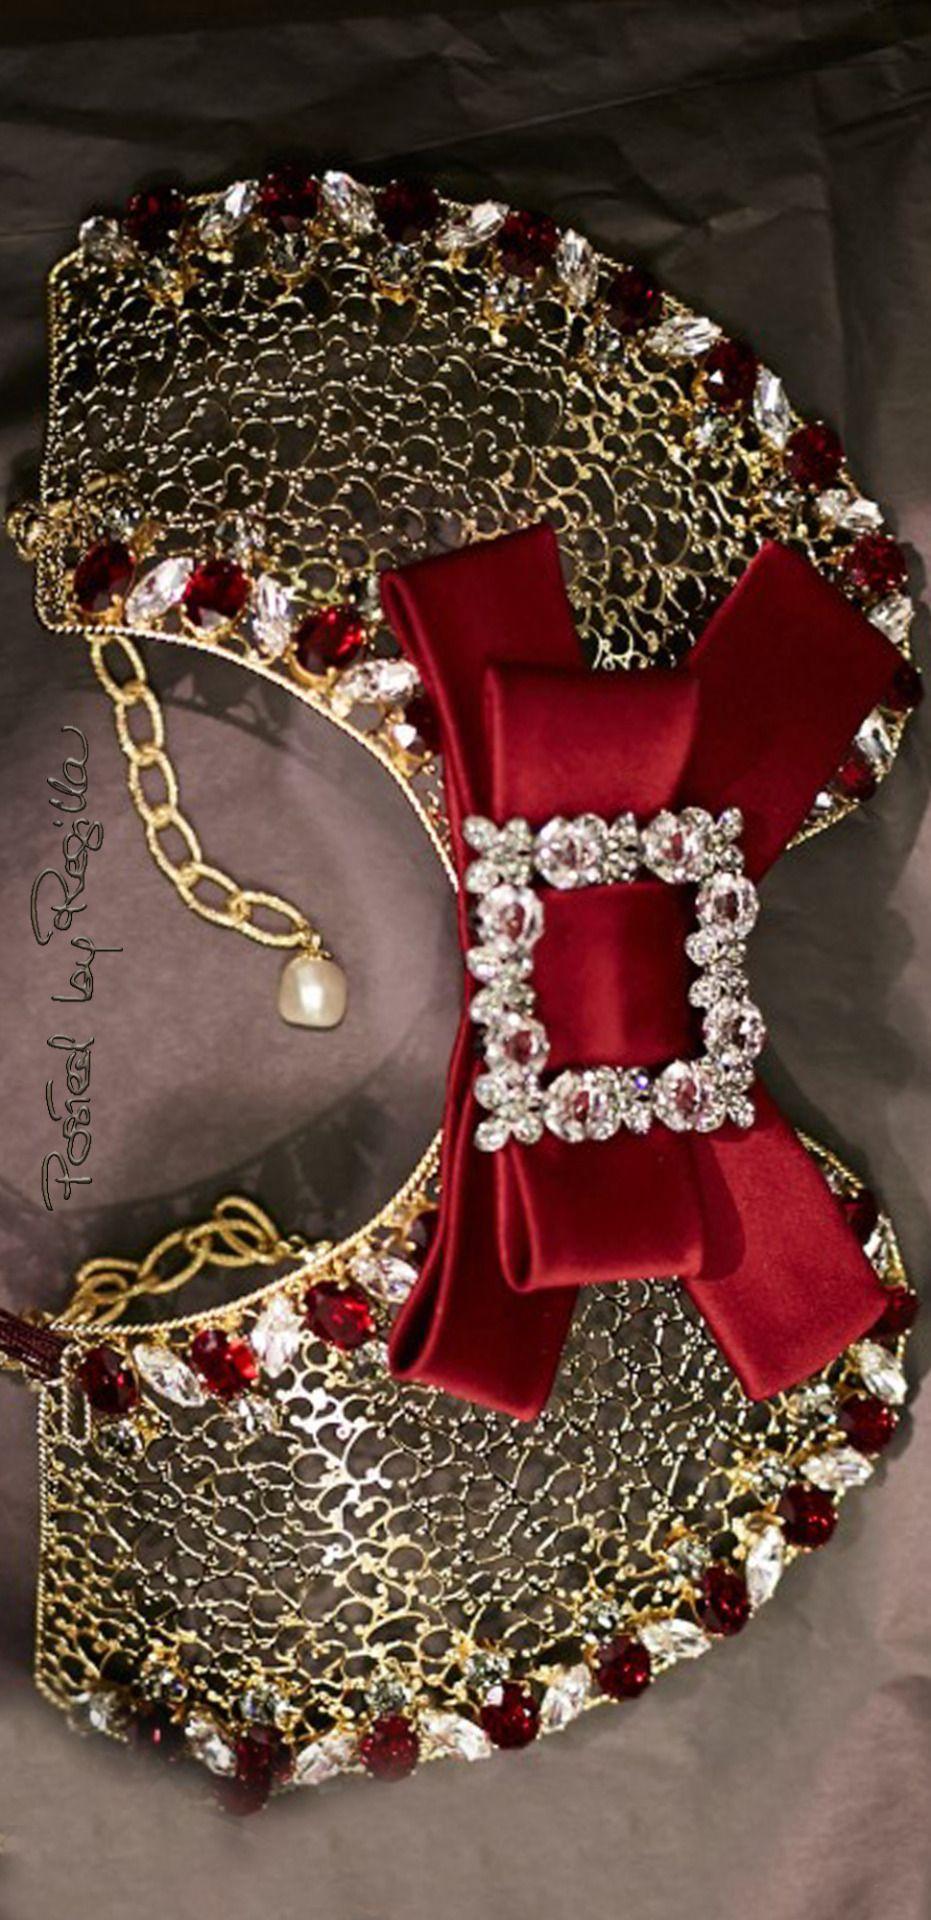 Regilla Dolce And Gabbana 2017 Dolce And Gabbana Accessories Unique